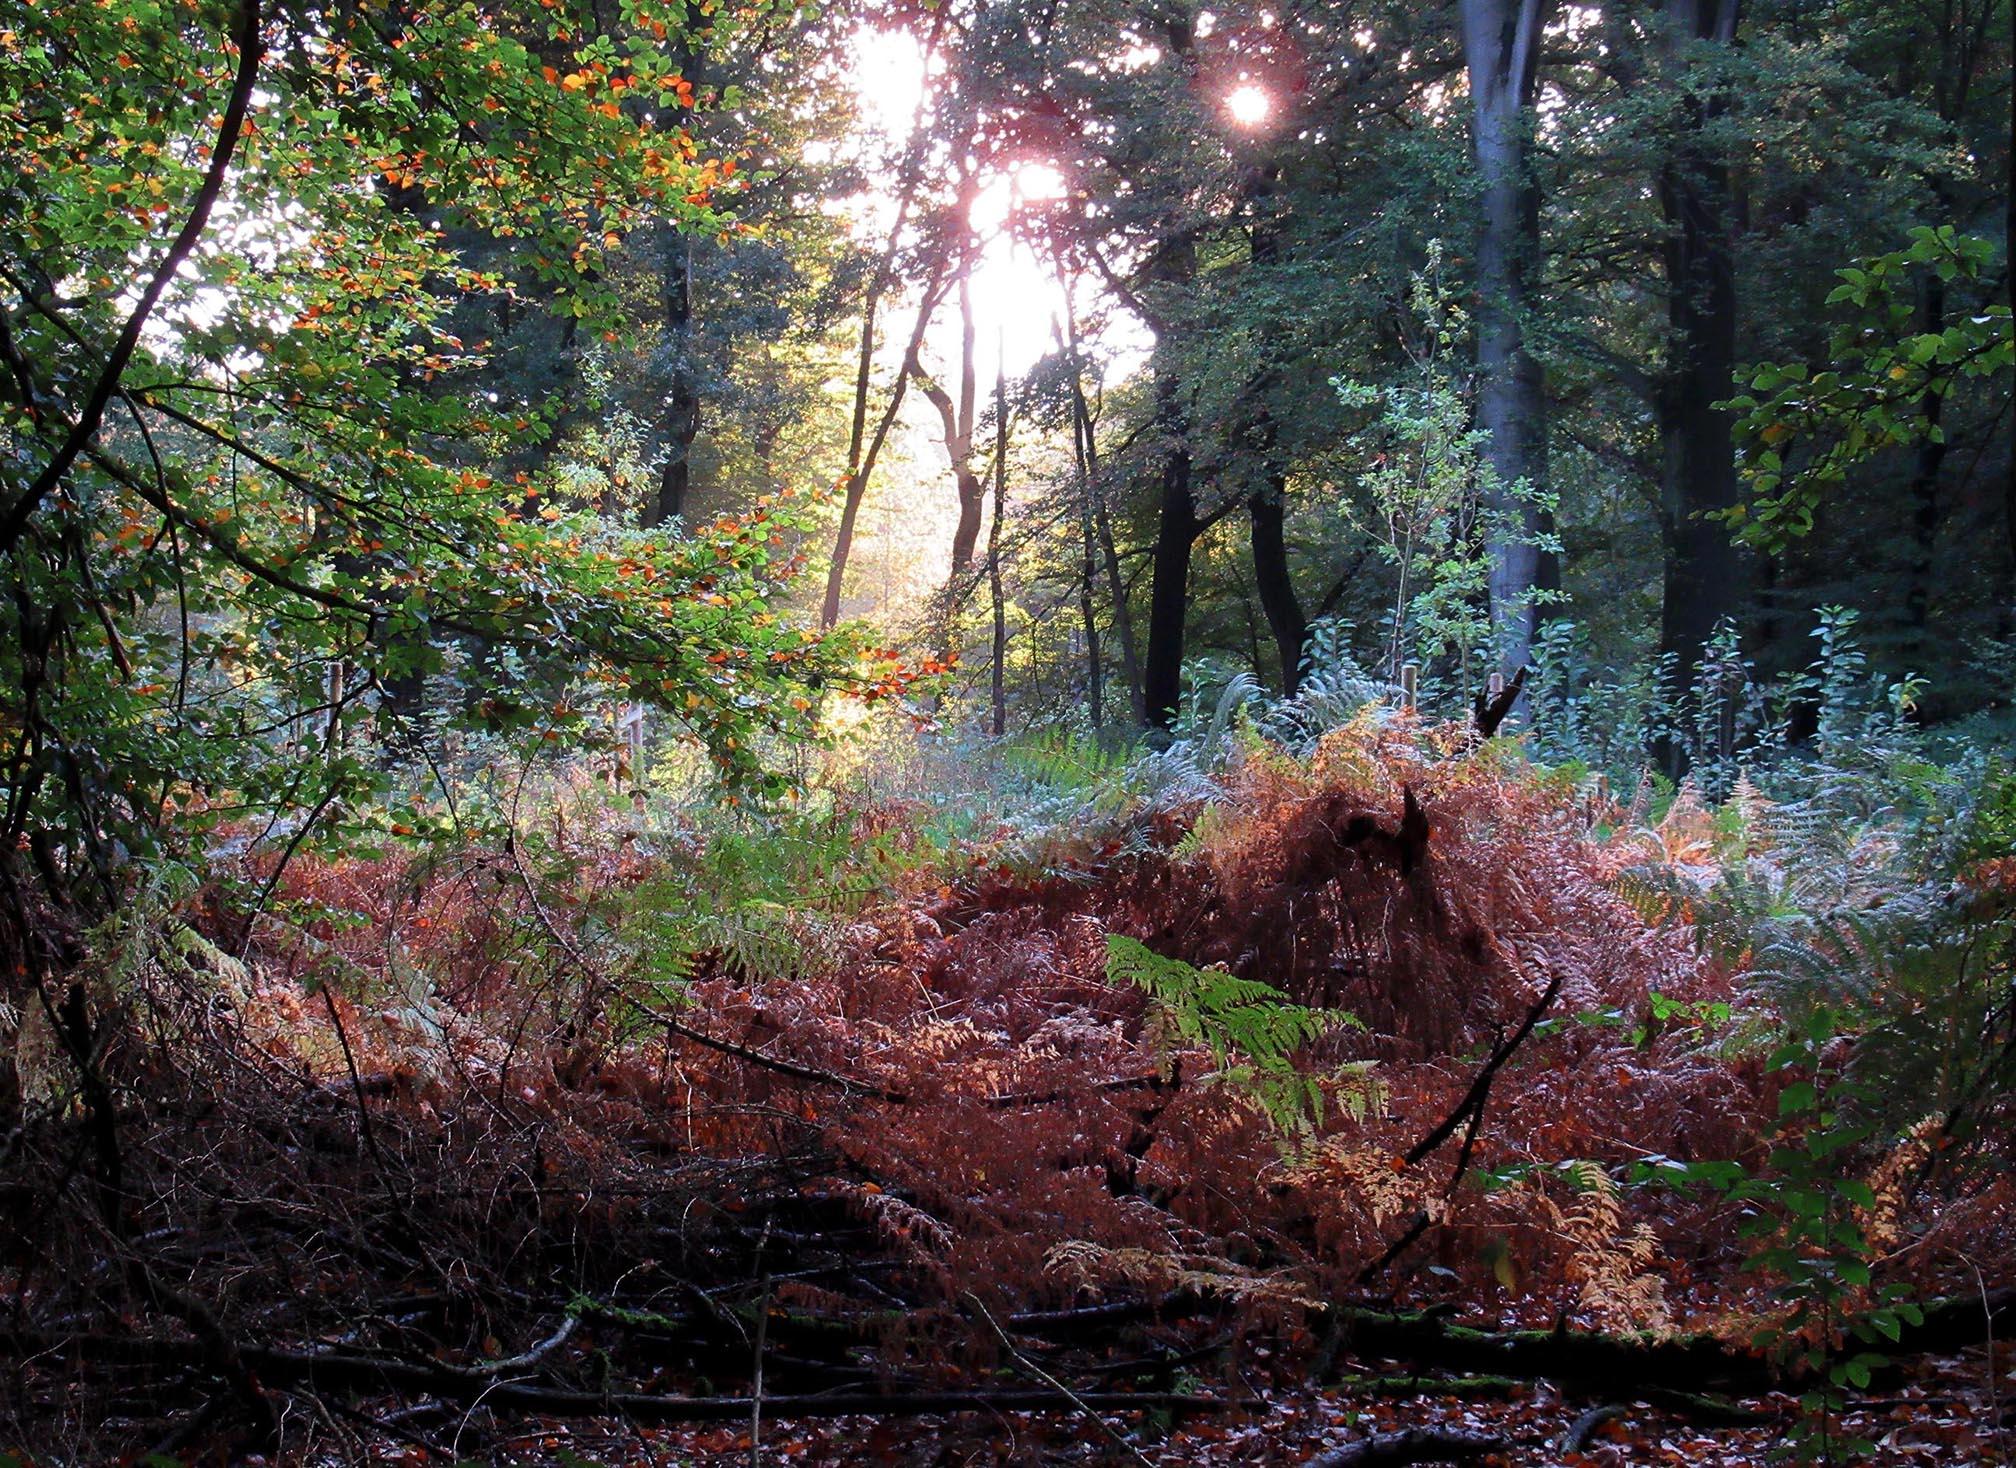 Takken en resthout hebben dus een essentiële betekenis voor de groei van bomen en andere onderdelen van het ecosysteem - Foto: ©Louis Fraanje